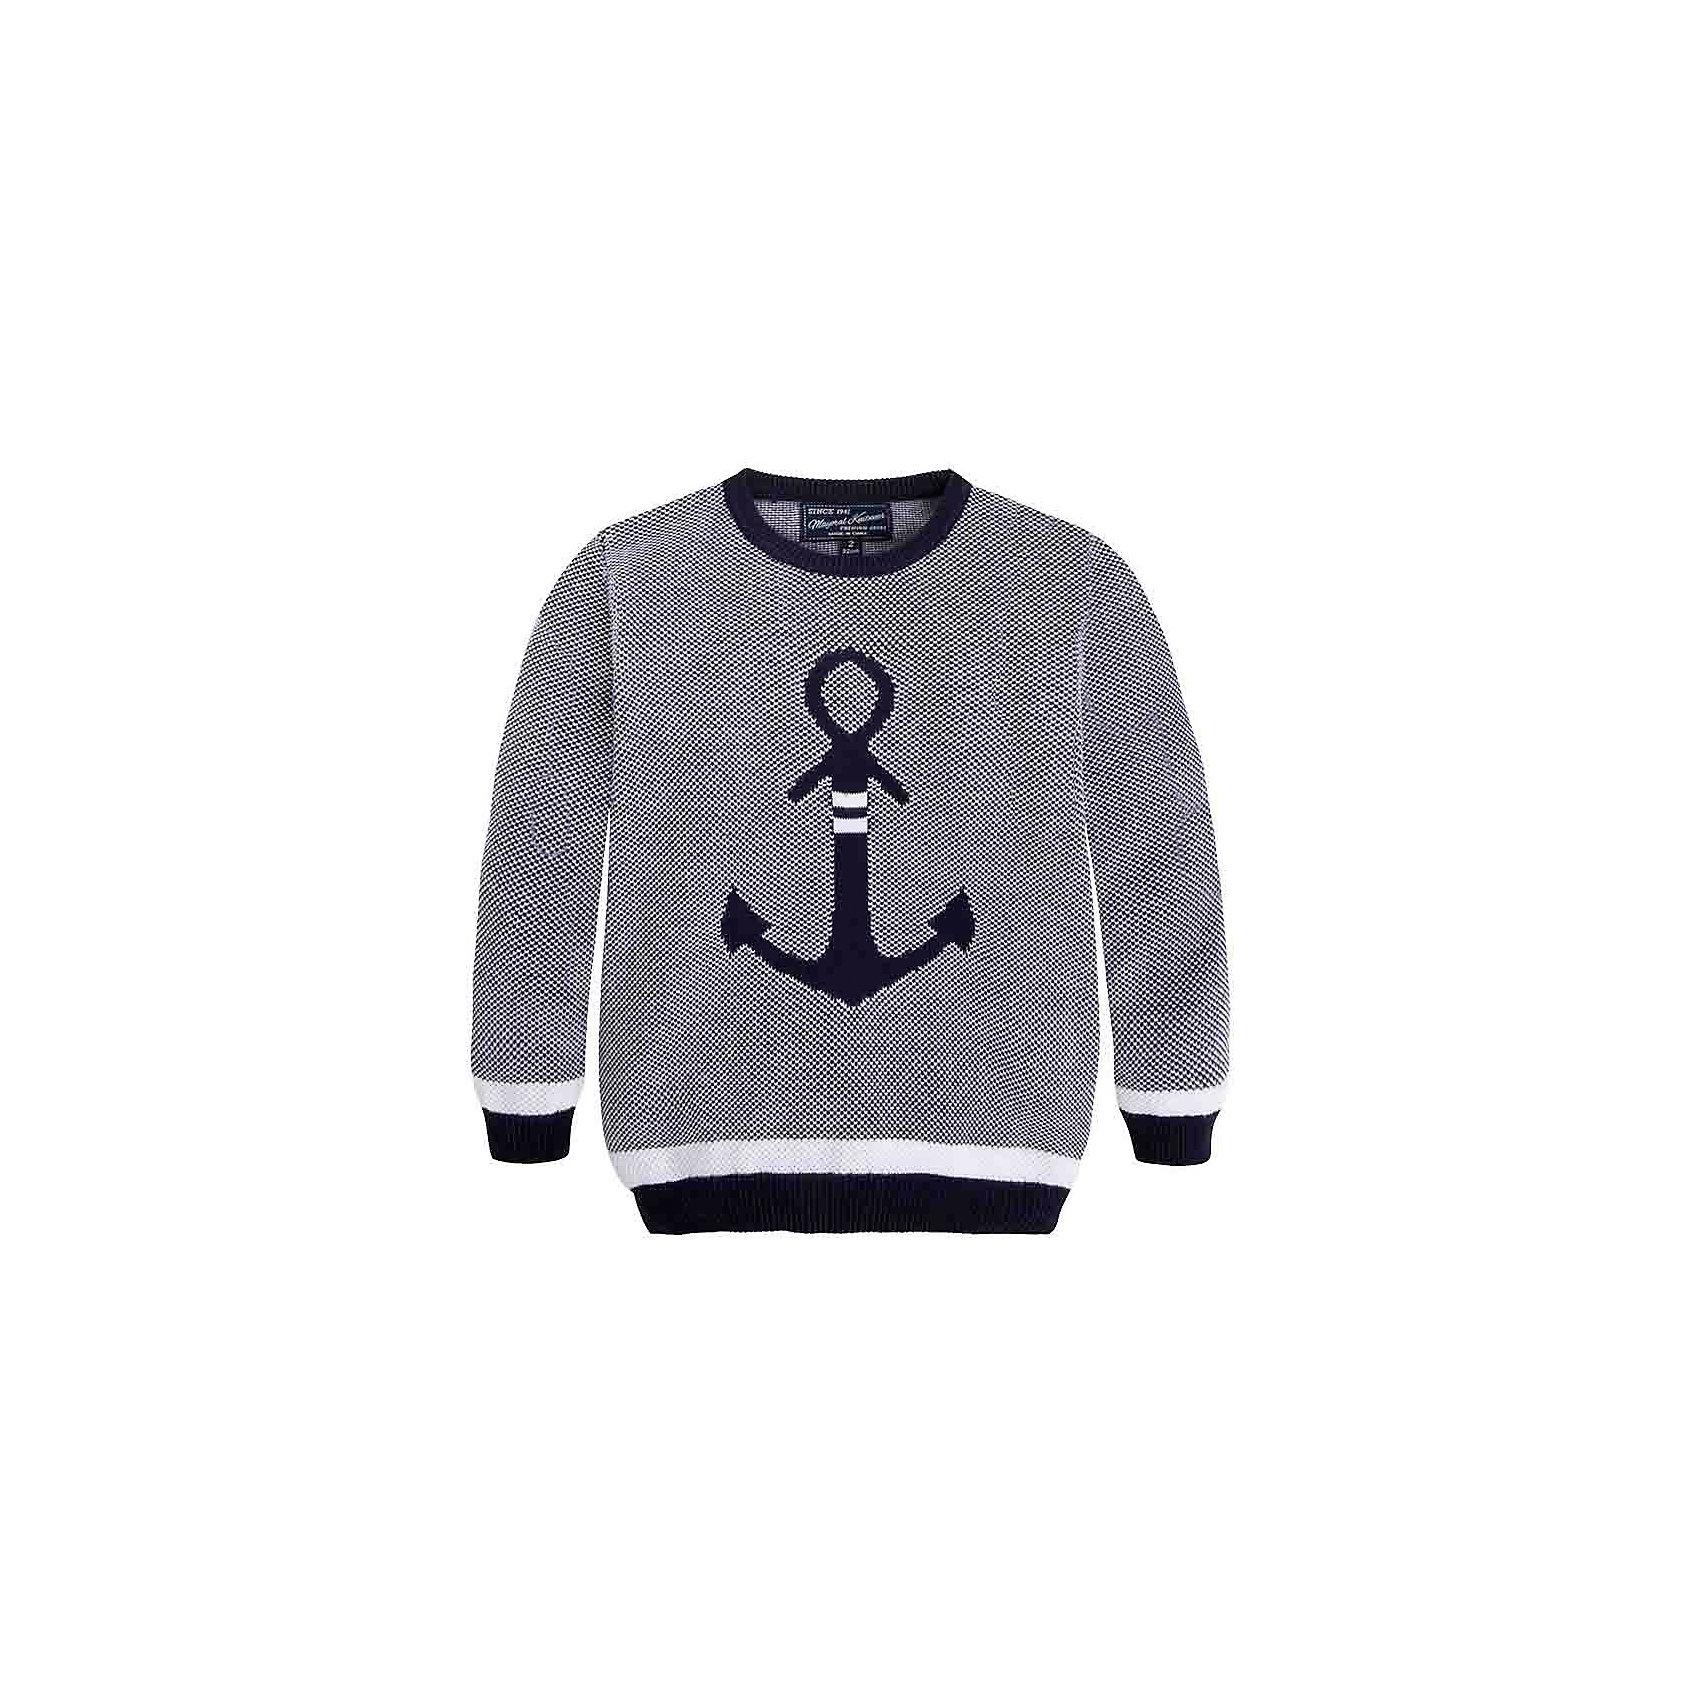 Свитер для мальчика MayoralСвитер для мальчика от известной испанской марки Mayoral <br><br>Модный свитер от Mayoral актуален в прохладную погоду. Он прекрасно сочетается с джинсами и брюками.  Модель выполнена из качественных материалов, отлично садится по фигуре.<br><br>Особенности модели:<br><br>- цвет: синий;<br>- рукава длинные;<br>- принт -  якорь;<br>- низ и конец рукавов - резинки;<br>- натуральный материал.<br><br>Дополнительная информация:<br><br>Состав: 100% хлопок<br><br>Свитер для мальчика Mayoral (Майорал) можно купить в нашем магазине.<br><br>Ширина мм: 190<br>Глубина мм: 74<br>Высота мм: 229<br>Вес г: 236<br>Цвет: синий<br>Возраст от месяцев: 72<br>Возраст до месяцев: 84<br>Пол: Мужской<br>Возраст: Детский<br>Размер: 122,104,98,110,92,116,128,134<br>SKU: 4542016